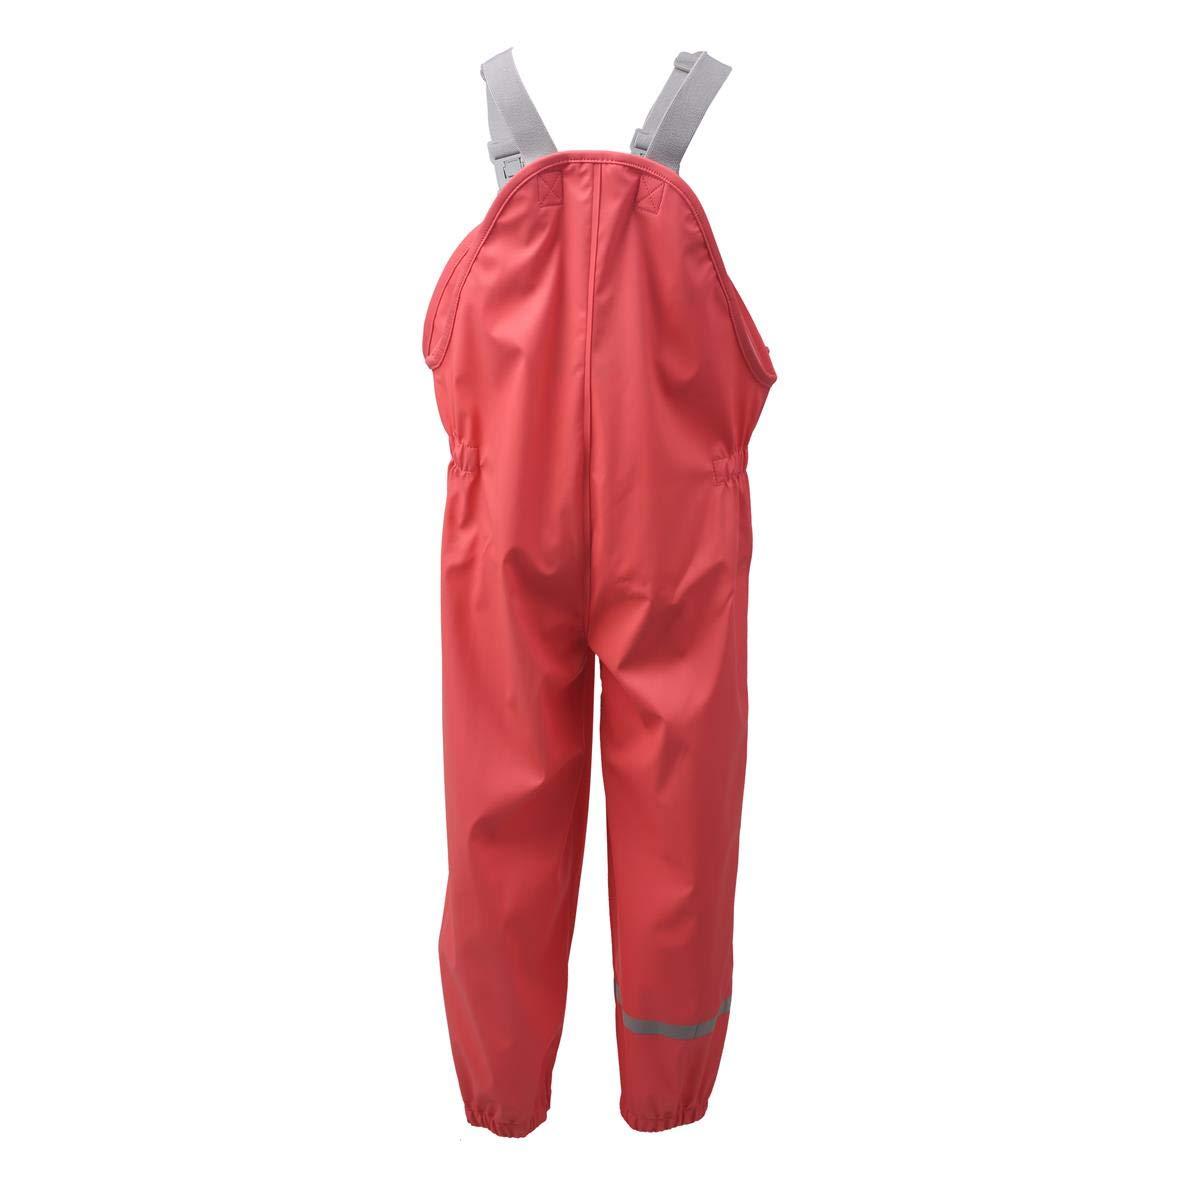 Farbe Kids Kids Kids Premium Regenhose, Regenjacke oder Set - Wasserdicht und Winddicht Dank verschweißter Nähte - Viele Farben für Mädchen und Jungen in den Größen 80 bis 140 - ÖKO Testsieger 2017 B07HFCQ74K Regenhosen König de 3b33dc